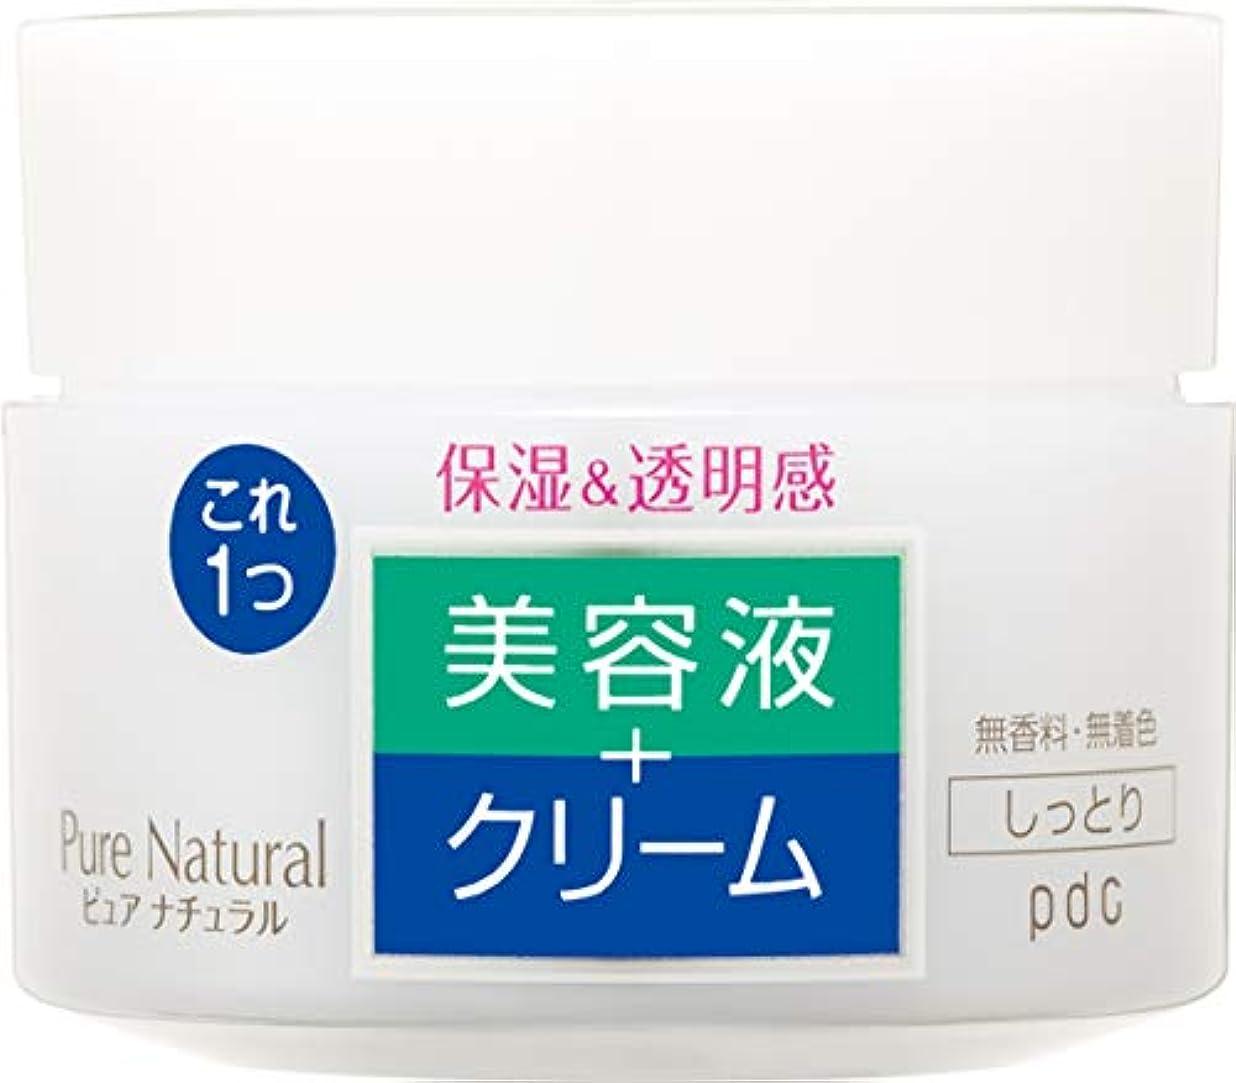 精査する人物漂流Pure NATURAL(ピュアナチュラル) クリームエッセンス モイスト 100g